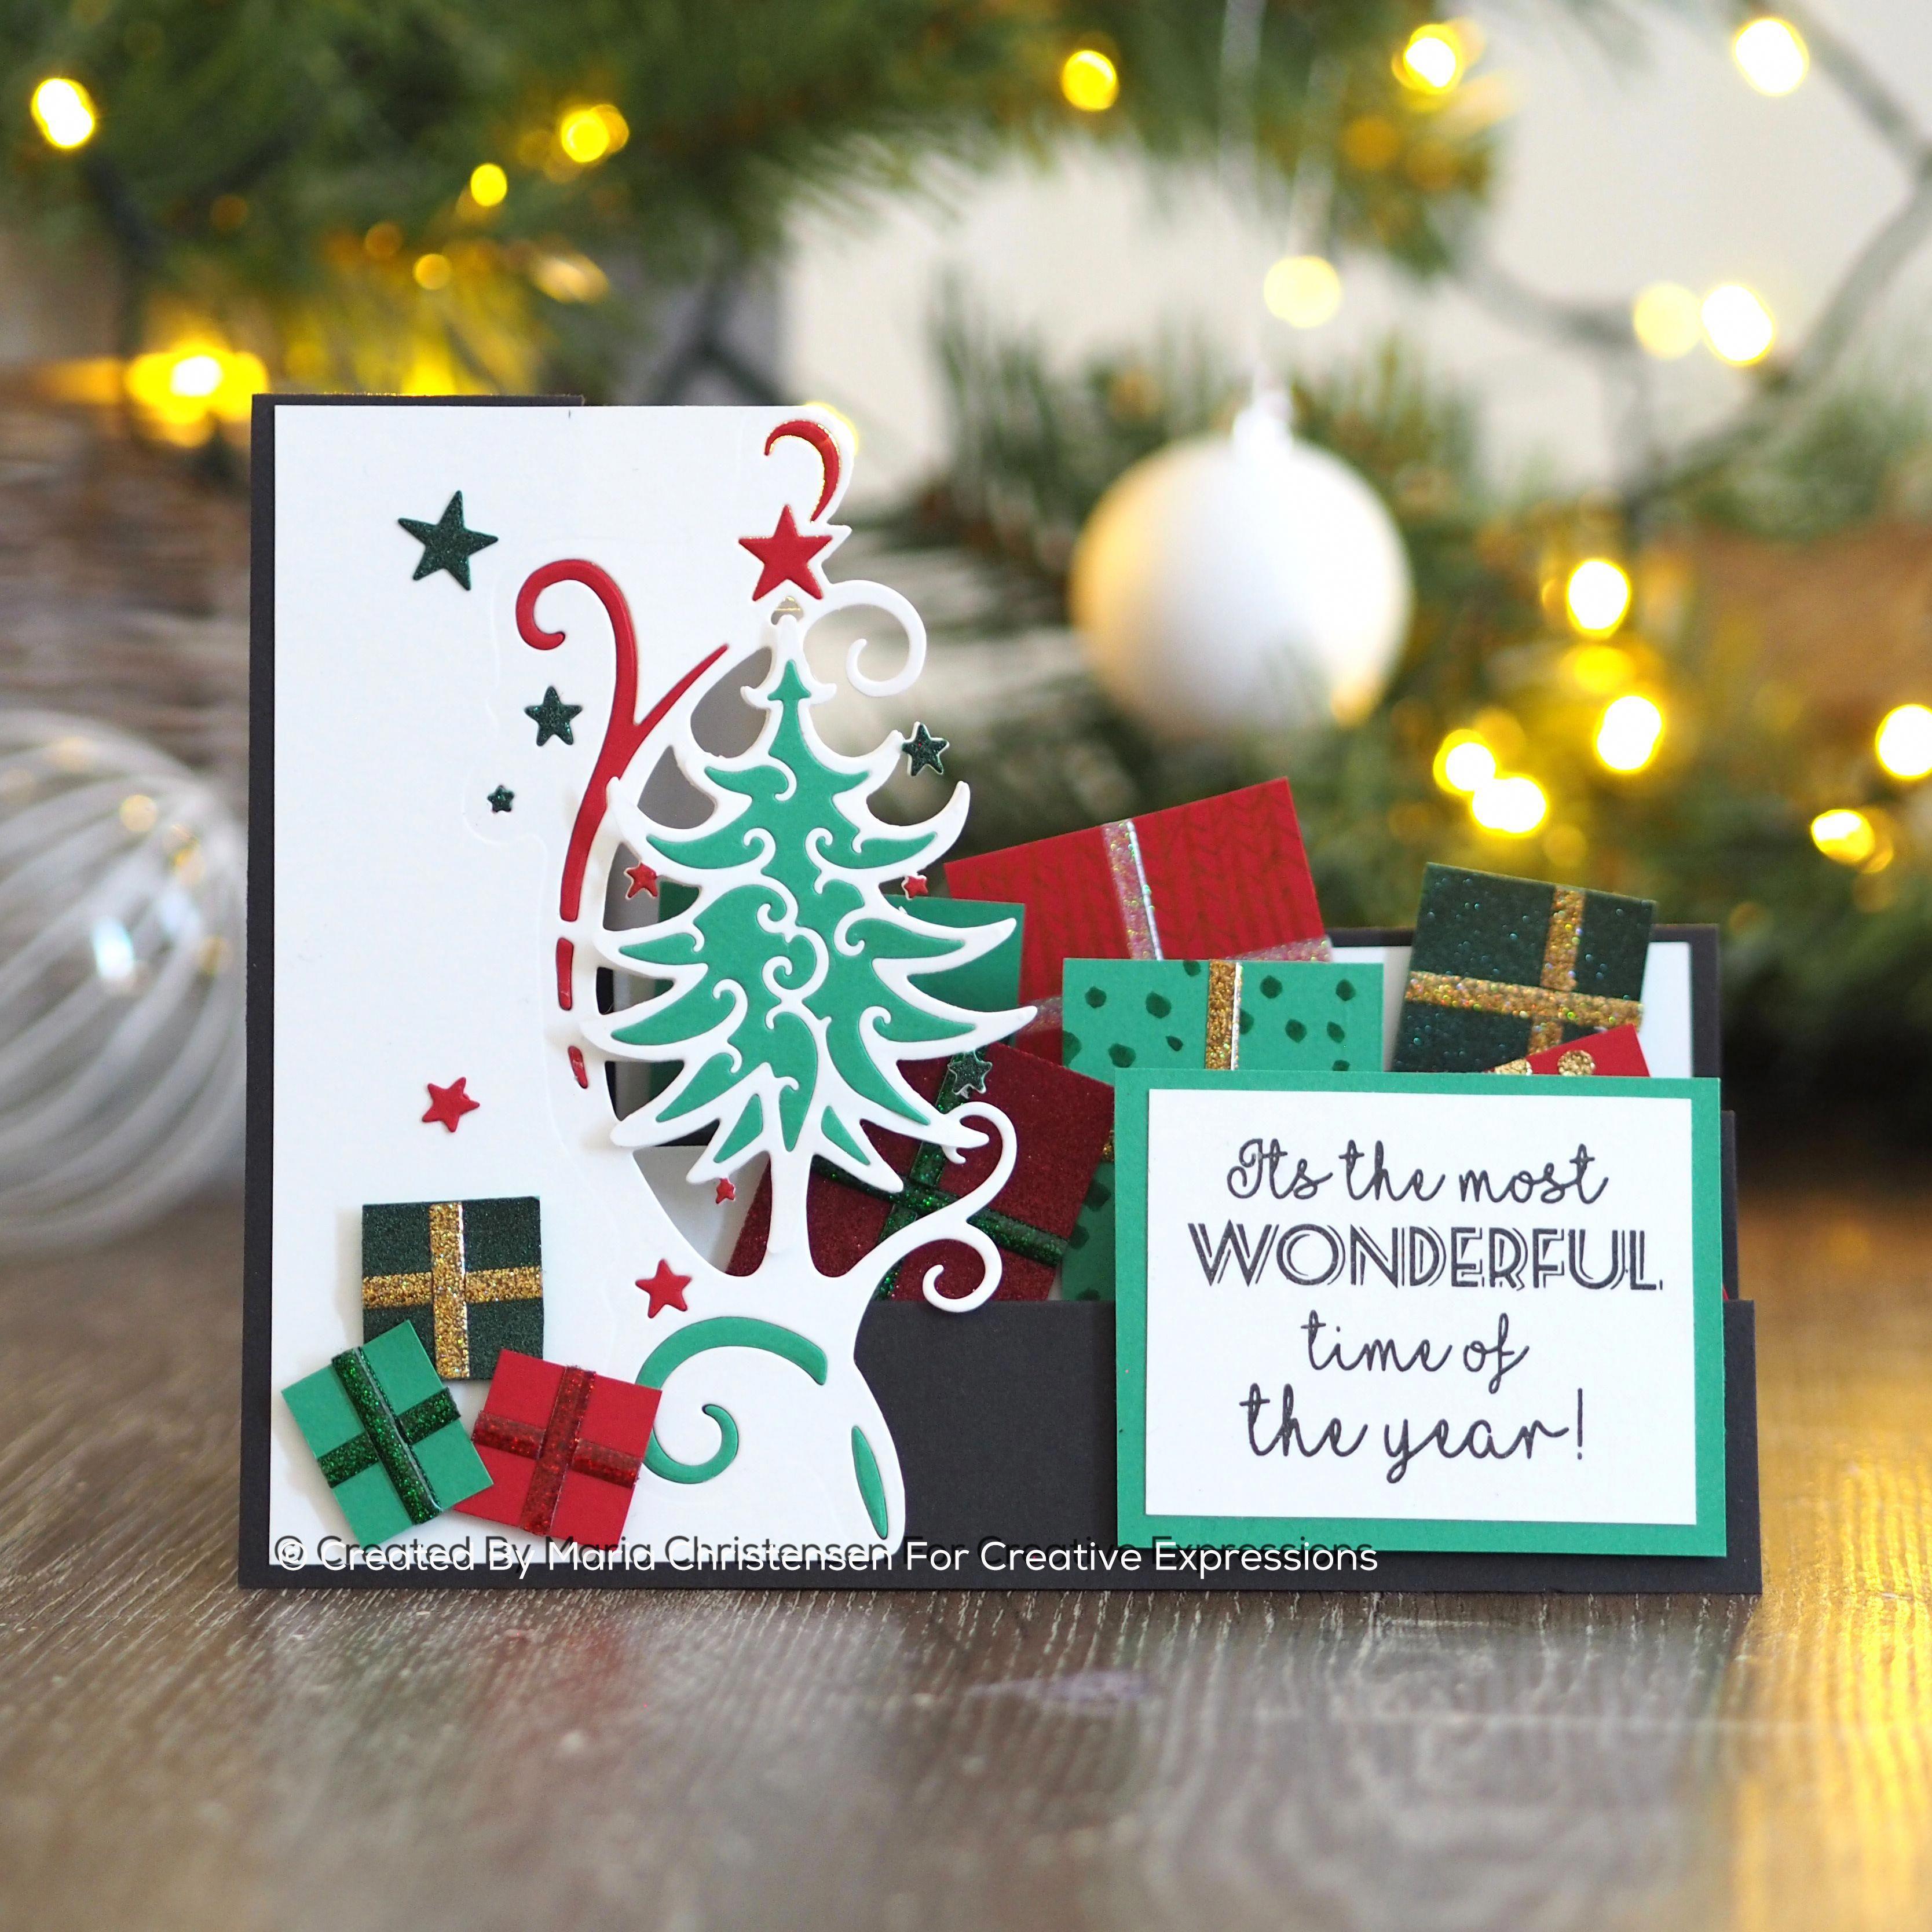 Garden Hand Tools Wilko In 2020 Christmas Tree Crafts Christmas Card Crafts Christmas Cards